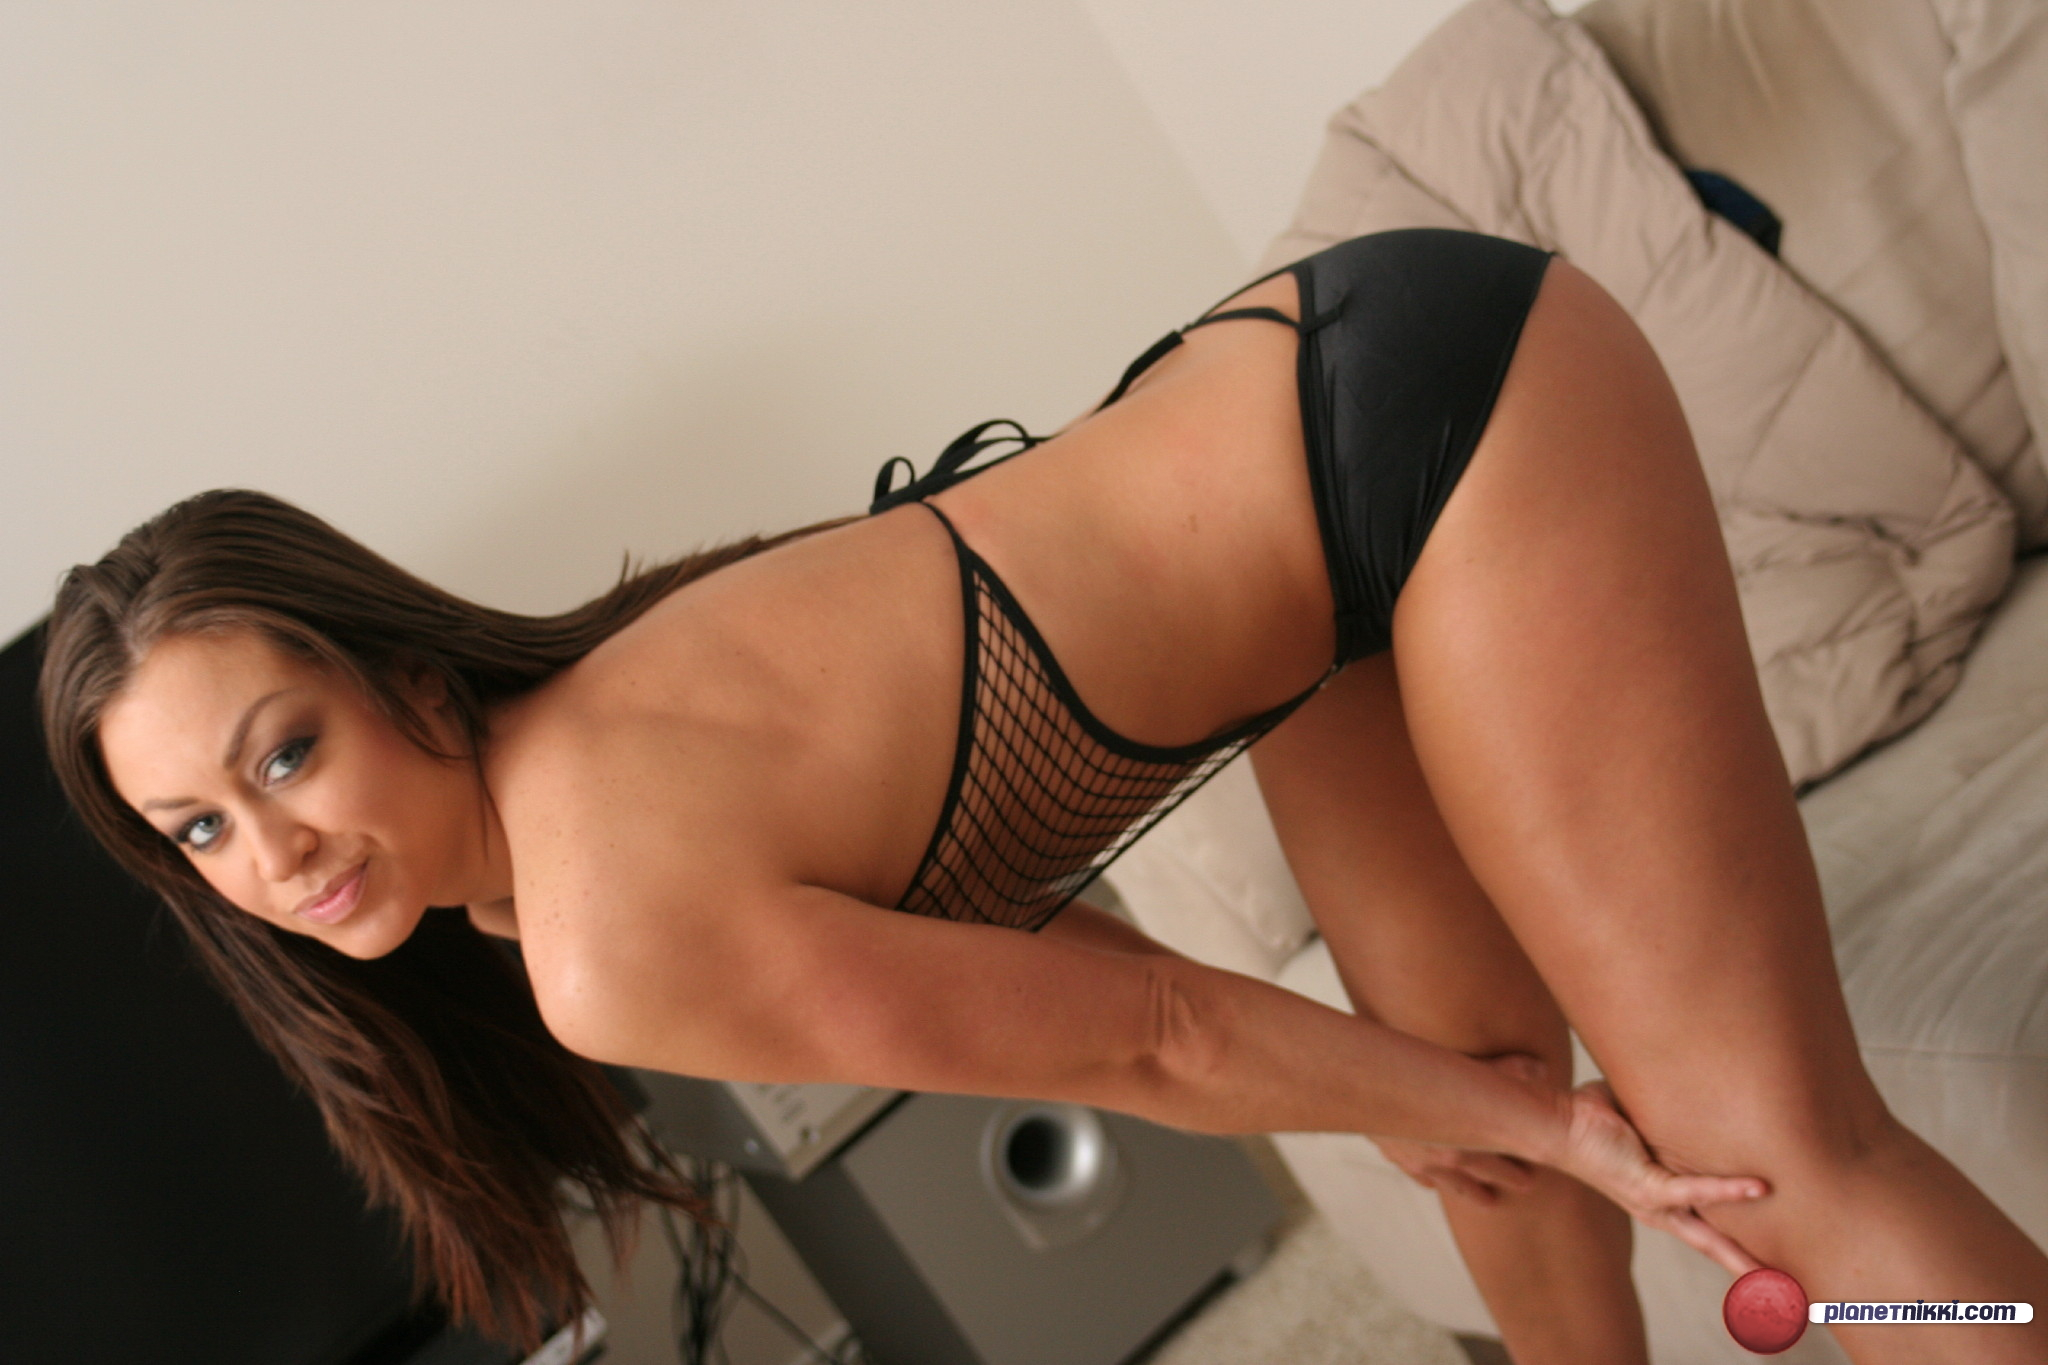 Lara logan nude pictures